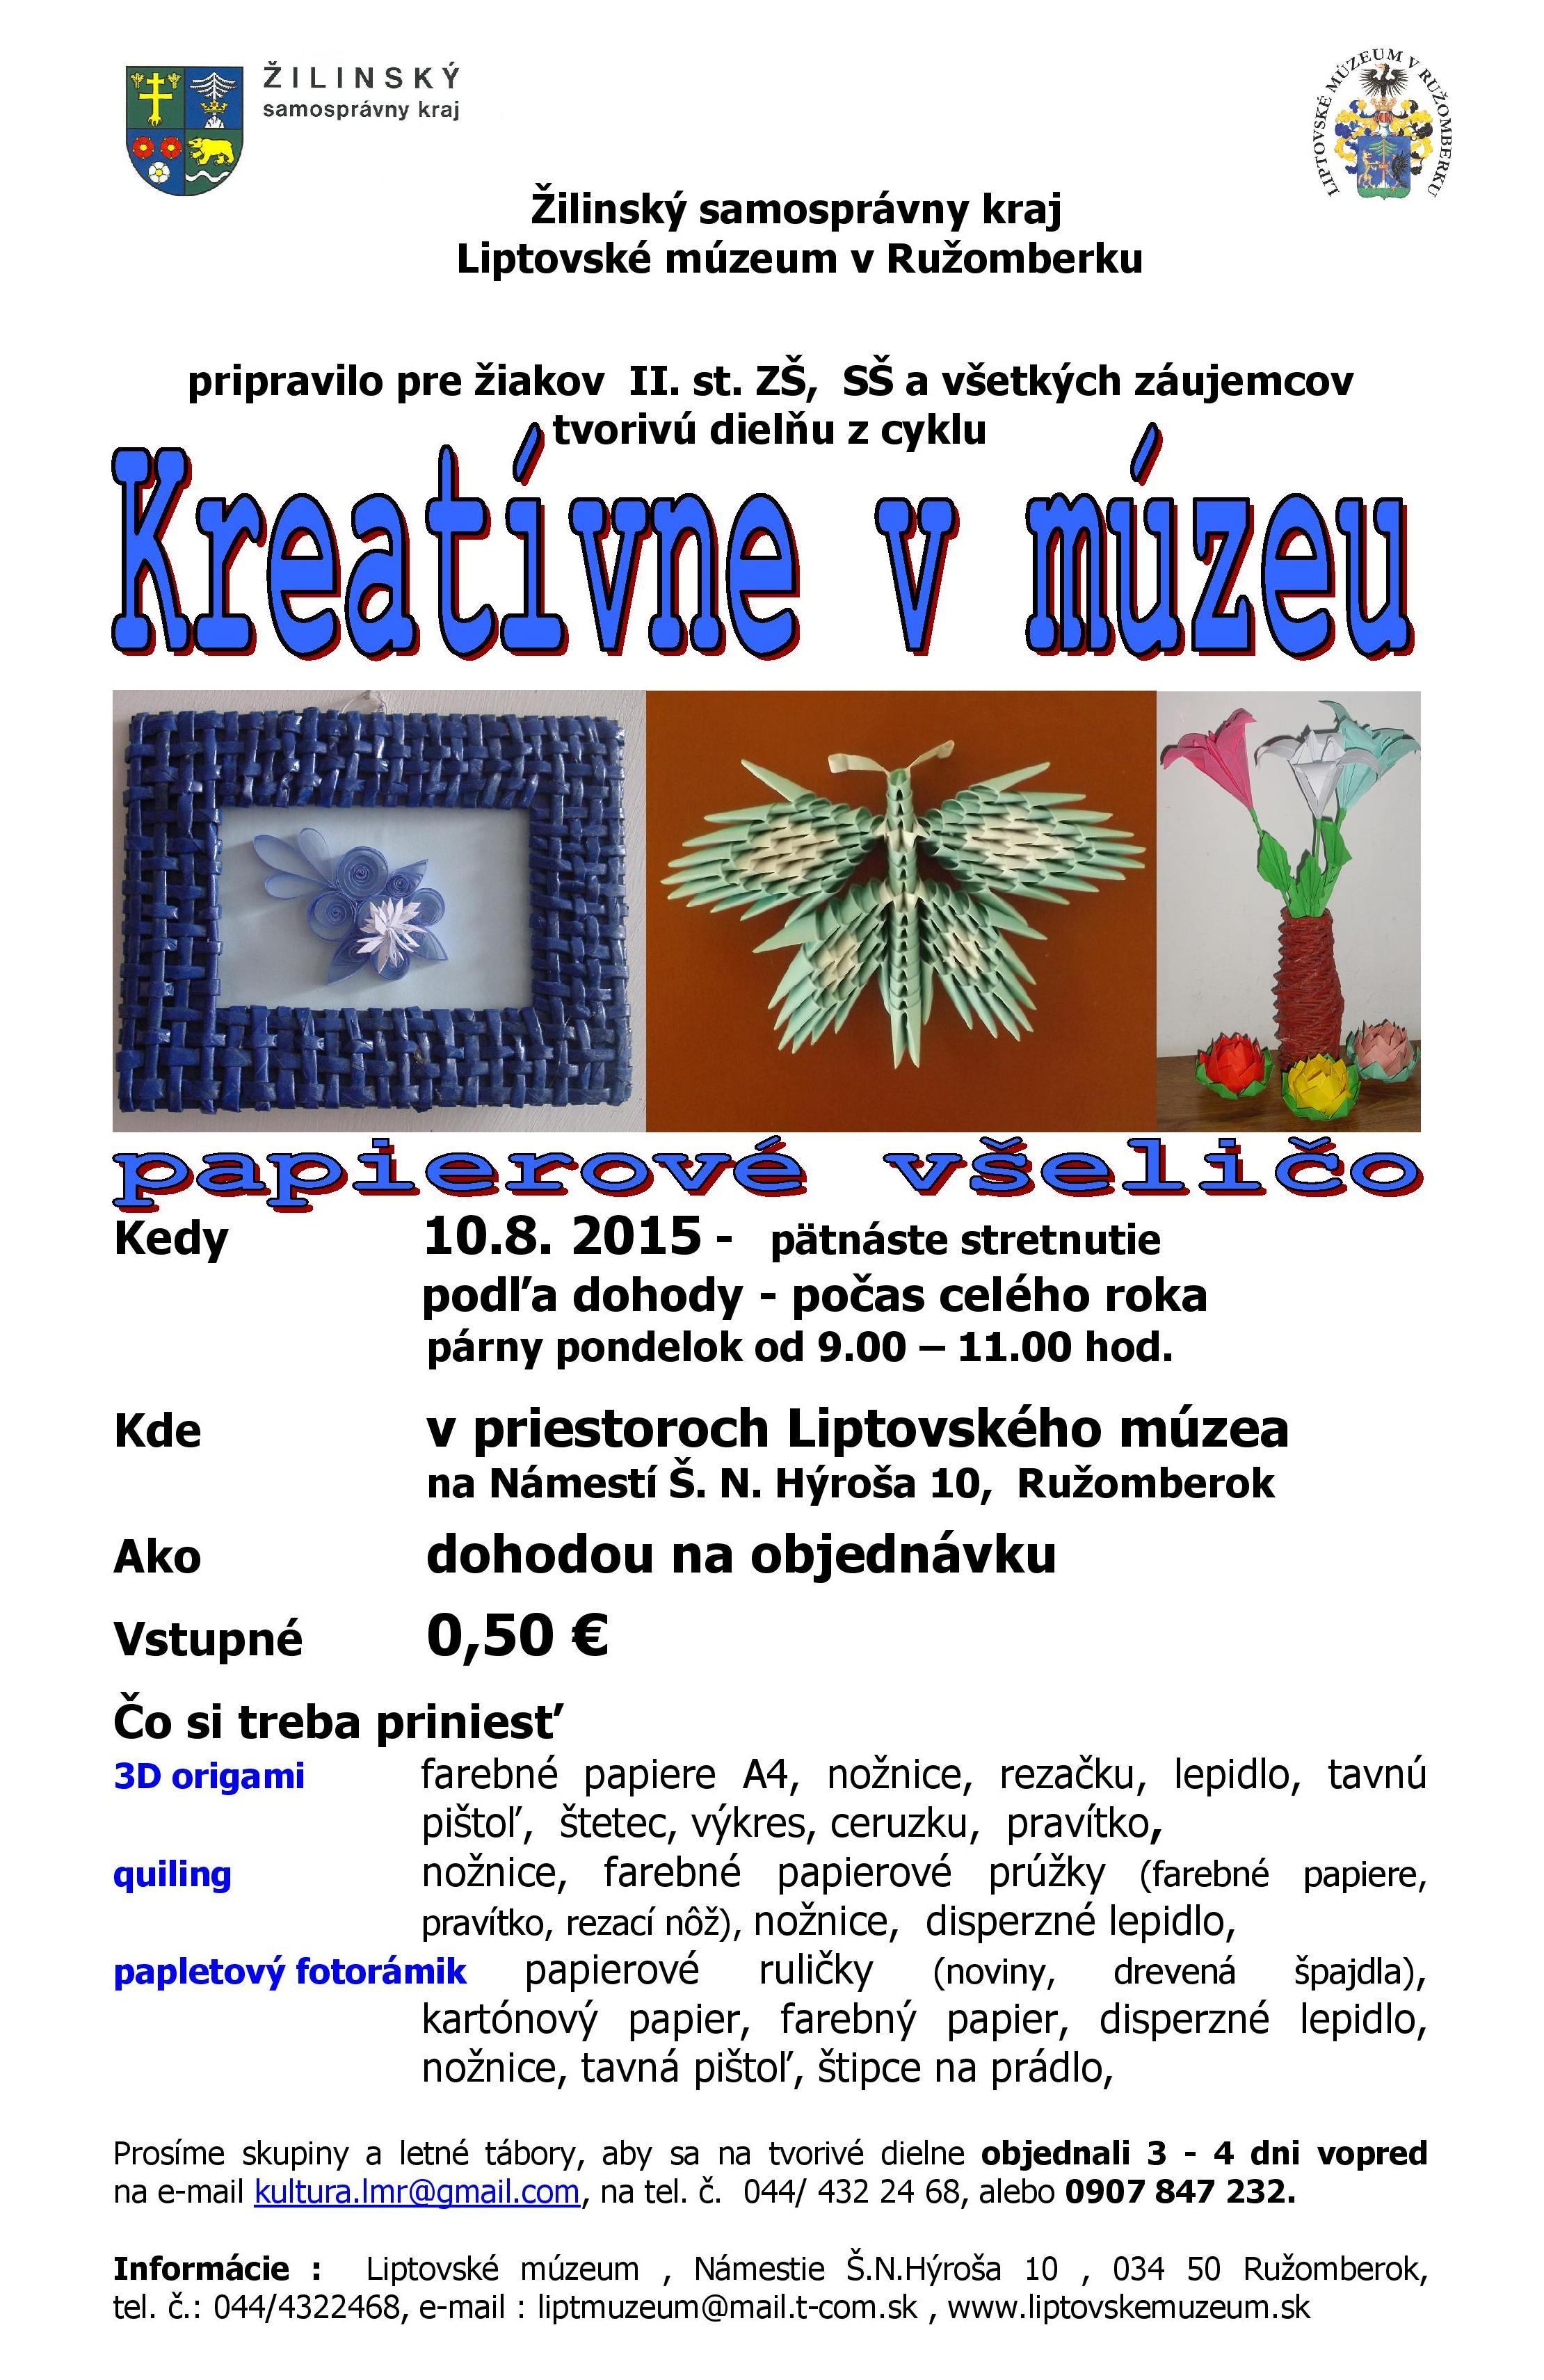 kvm-papierove-vselico-10-8-2015-plagat